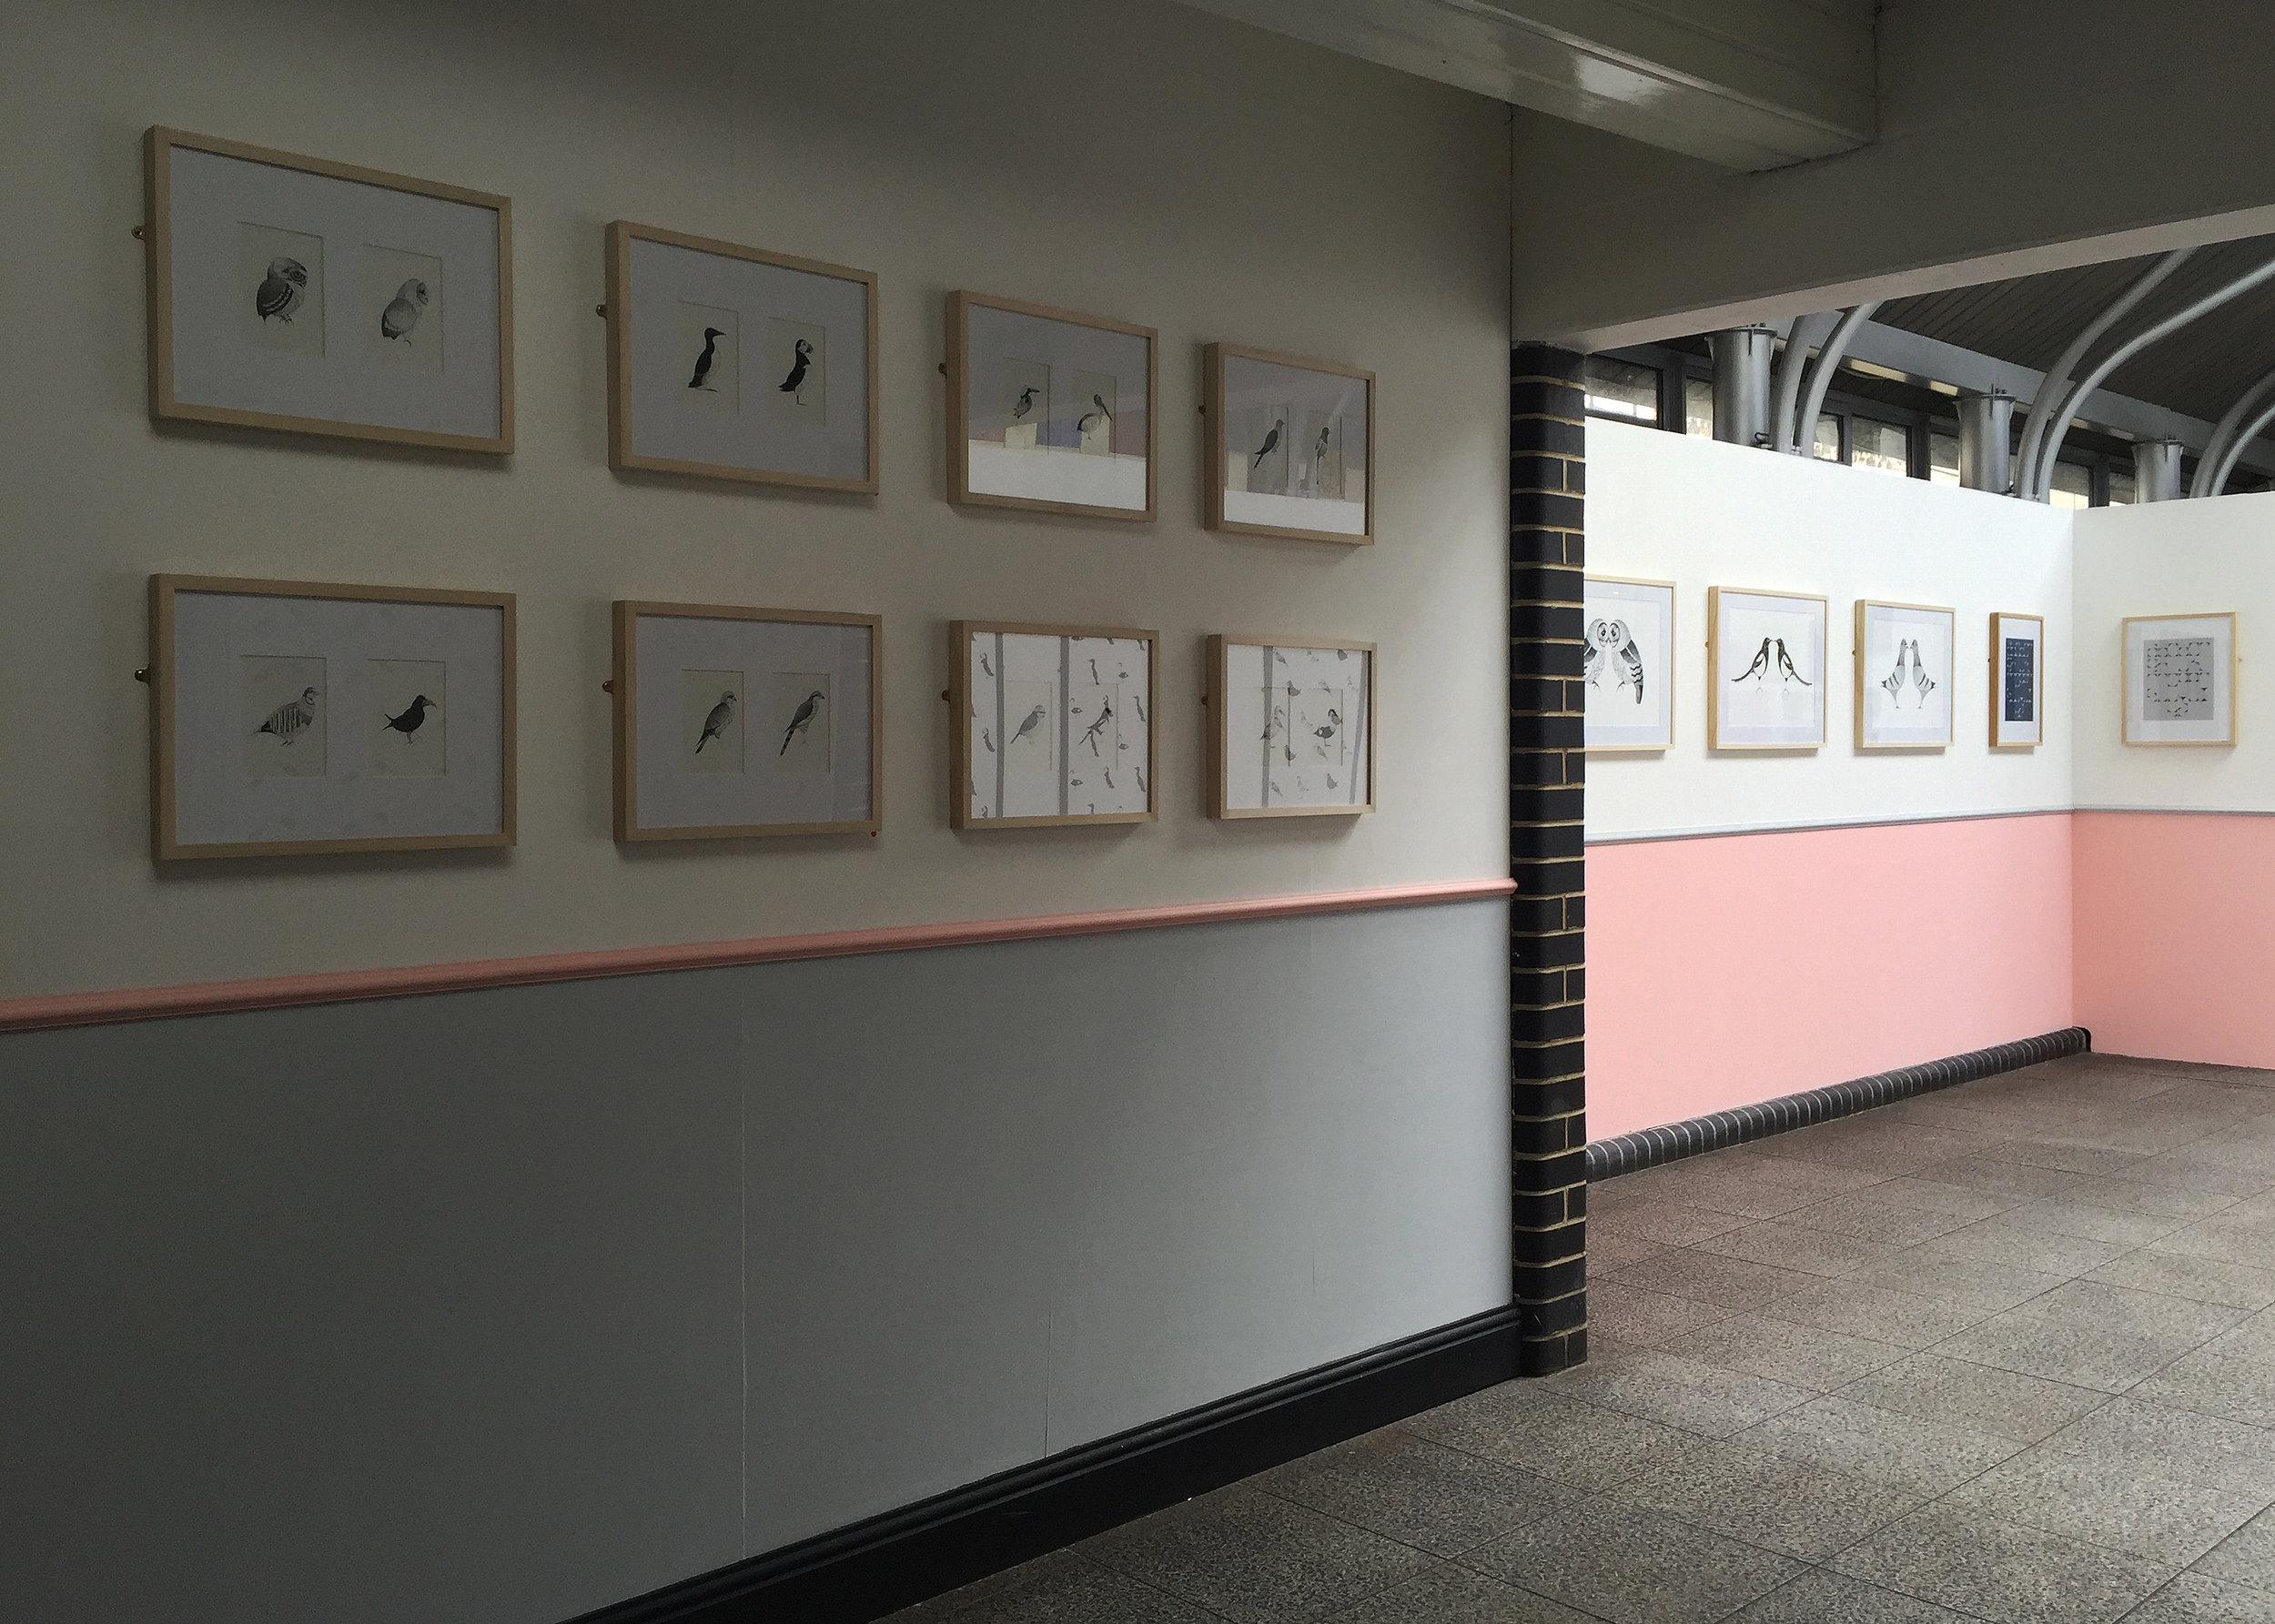 II . norwich arts centre . 03.17